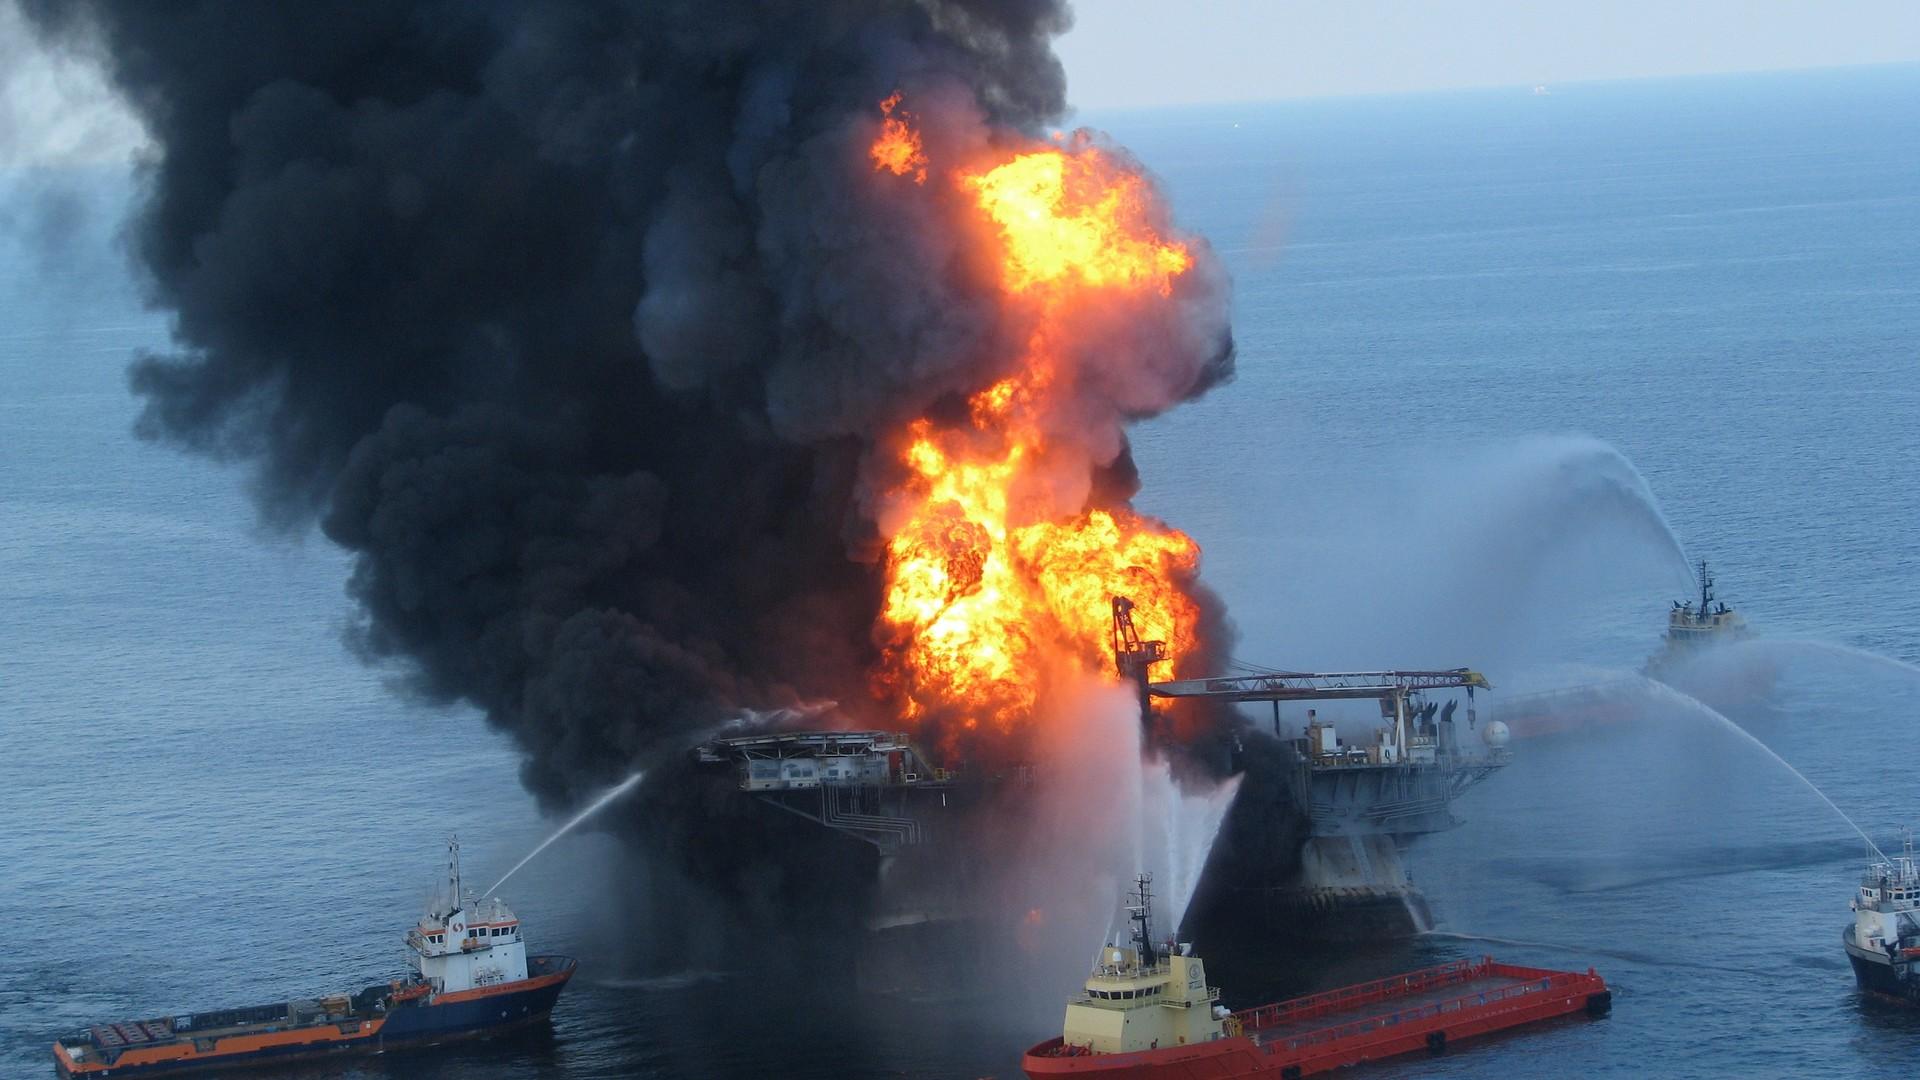 BP doit payer 18,7 milliards de dollars pour le déversement de pétrole dans le golfe du Mexique